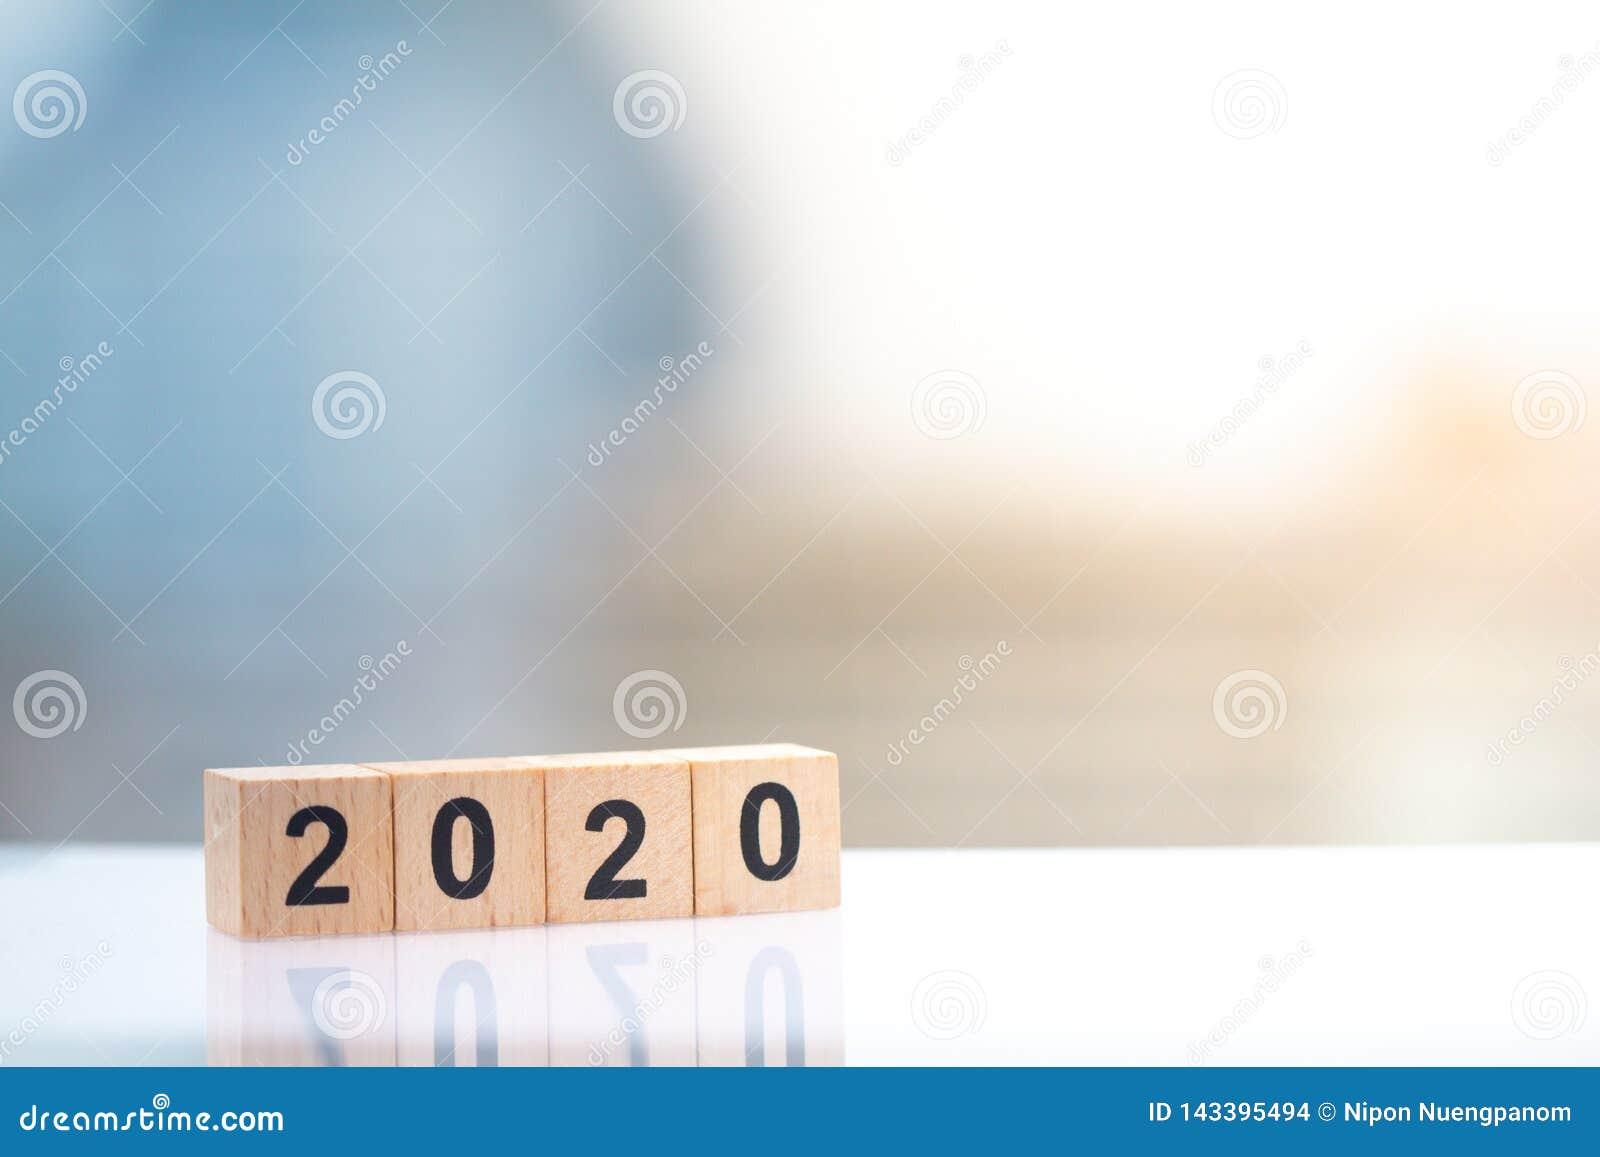 Houten blokaantal jaar 2020